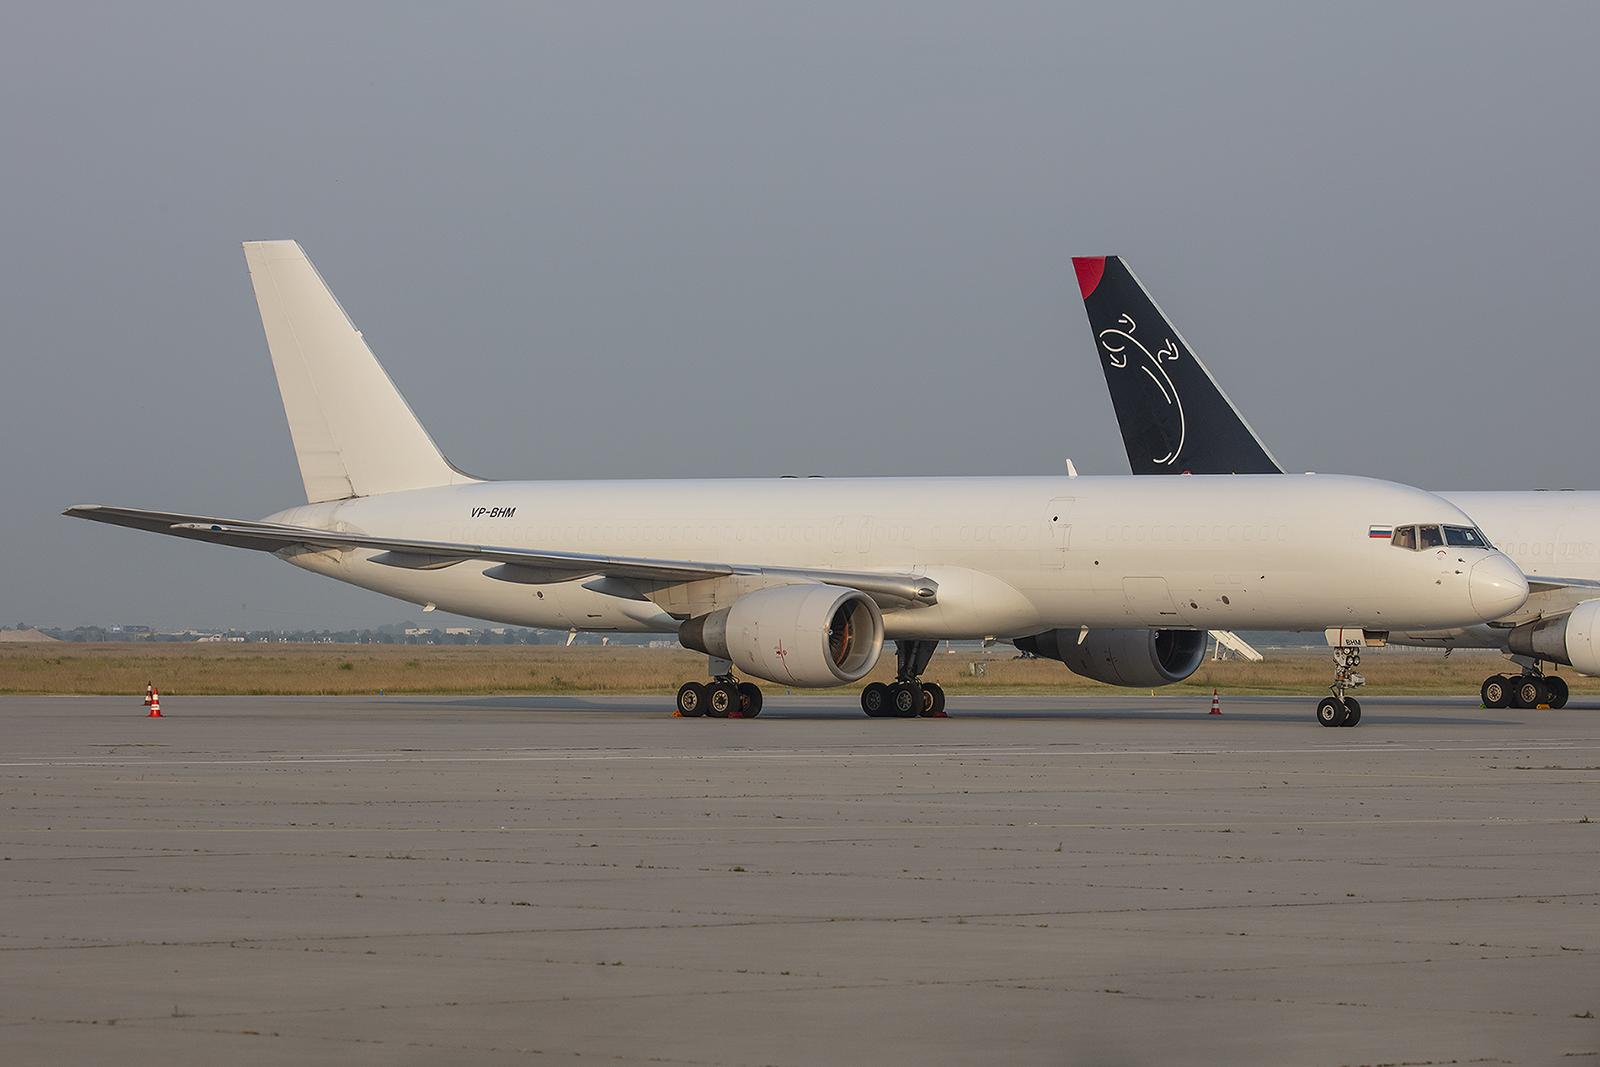 Die zweite Überraschung war diese ehemalige United Boeing 757. Sie ist die einzige MAschine der E-Cargo aus Russland.